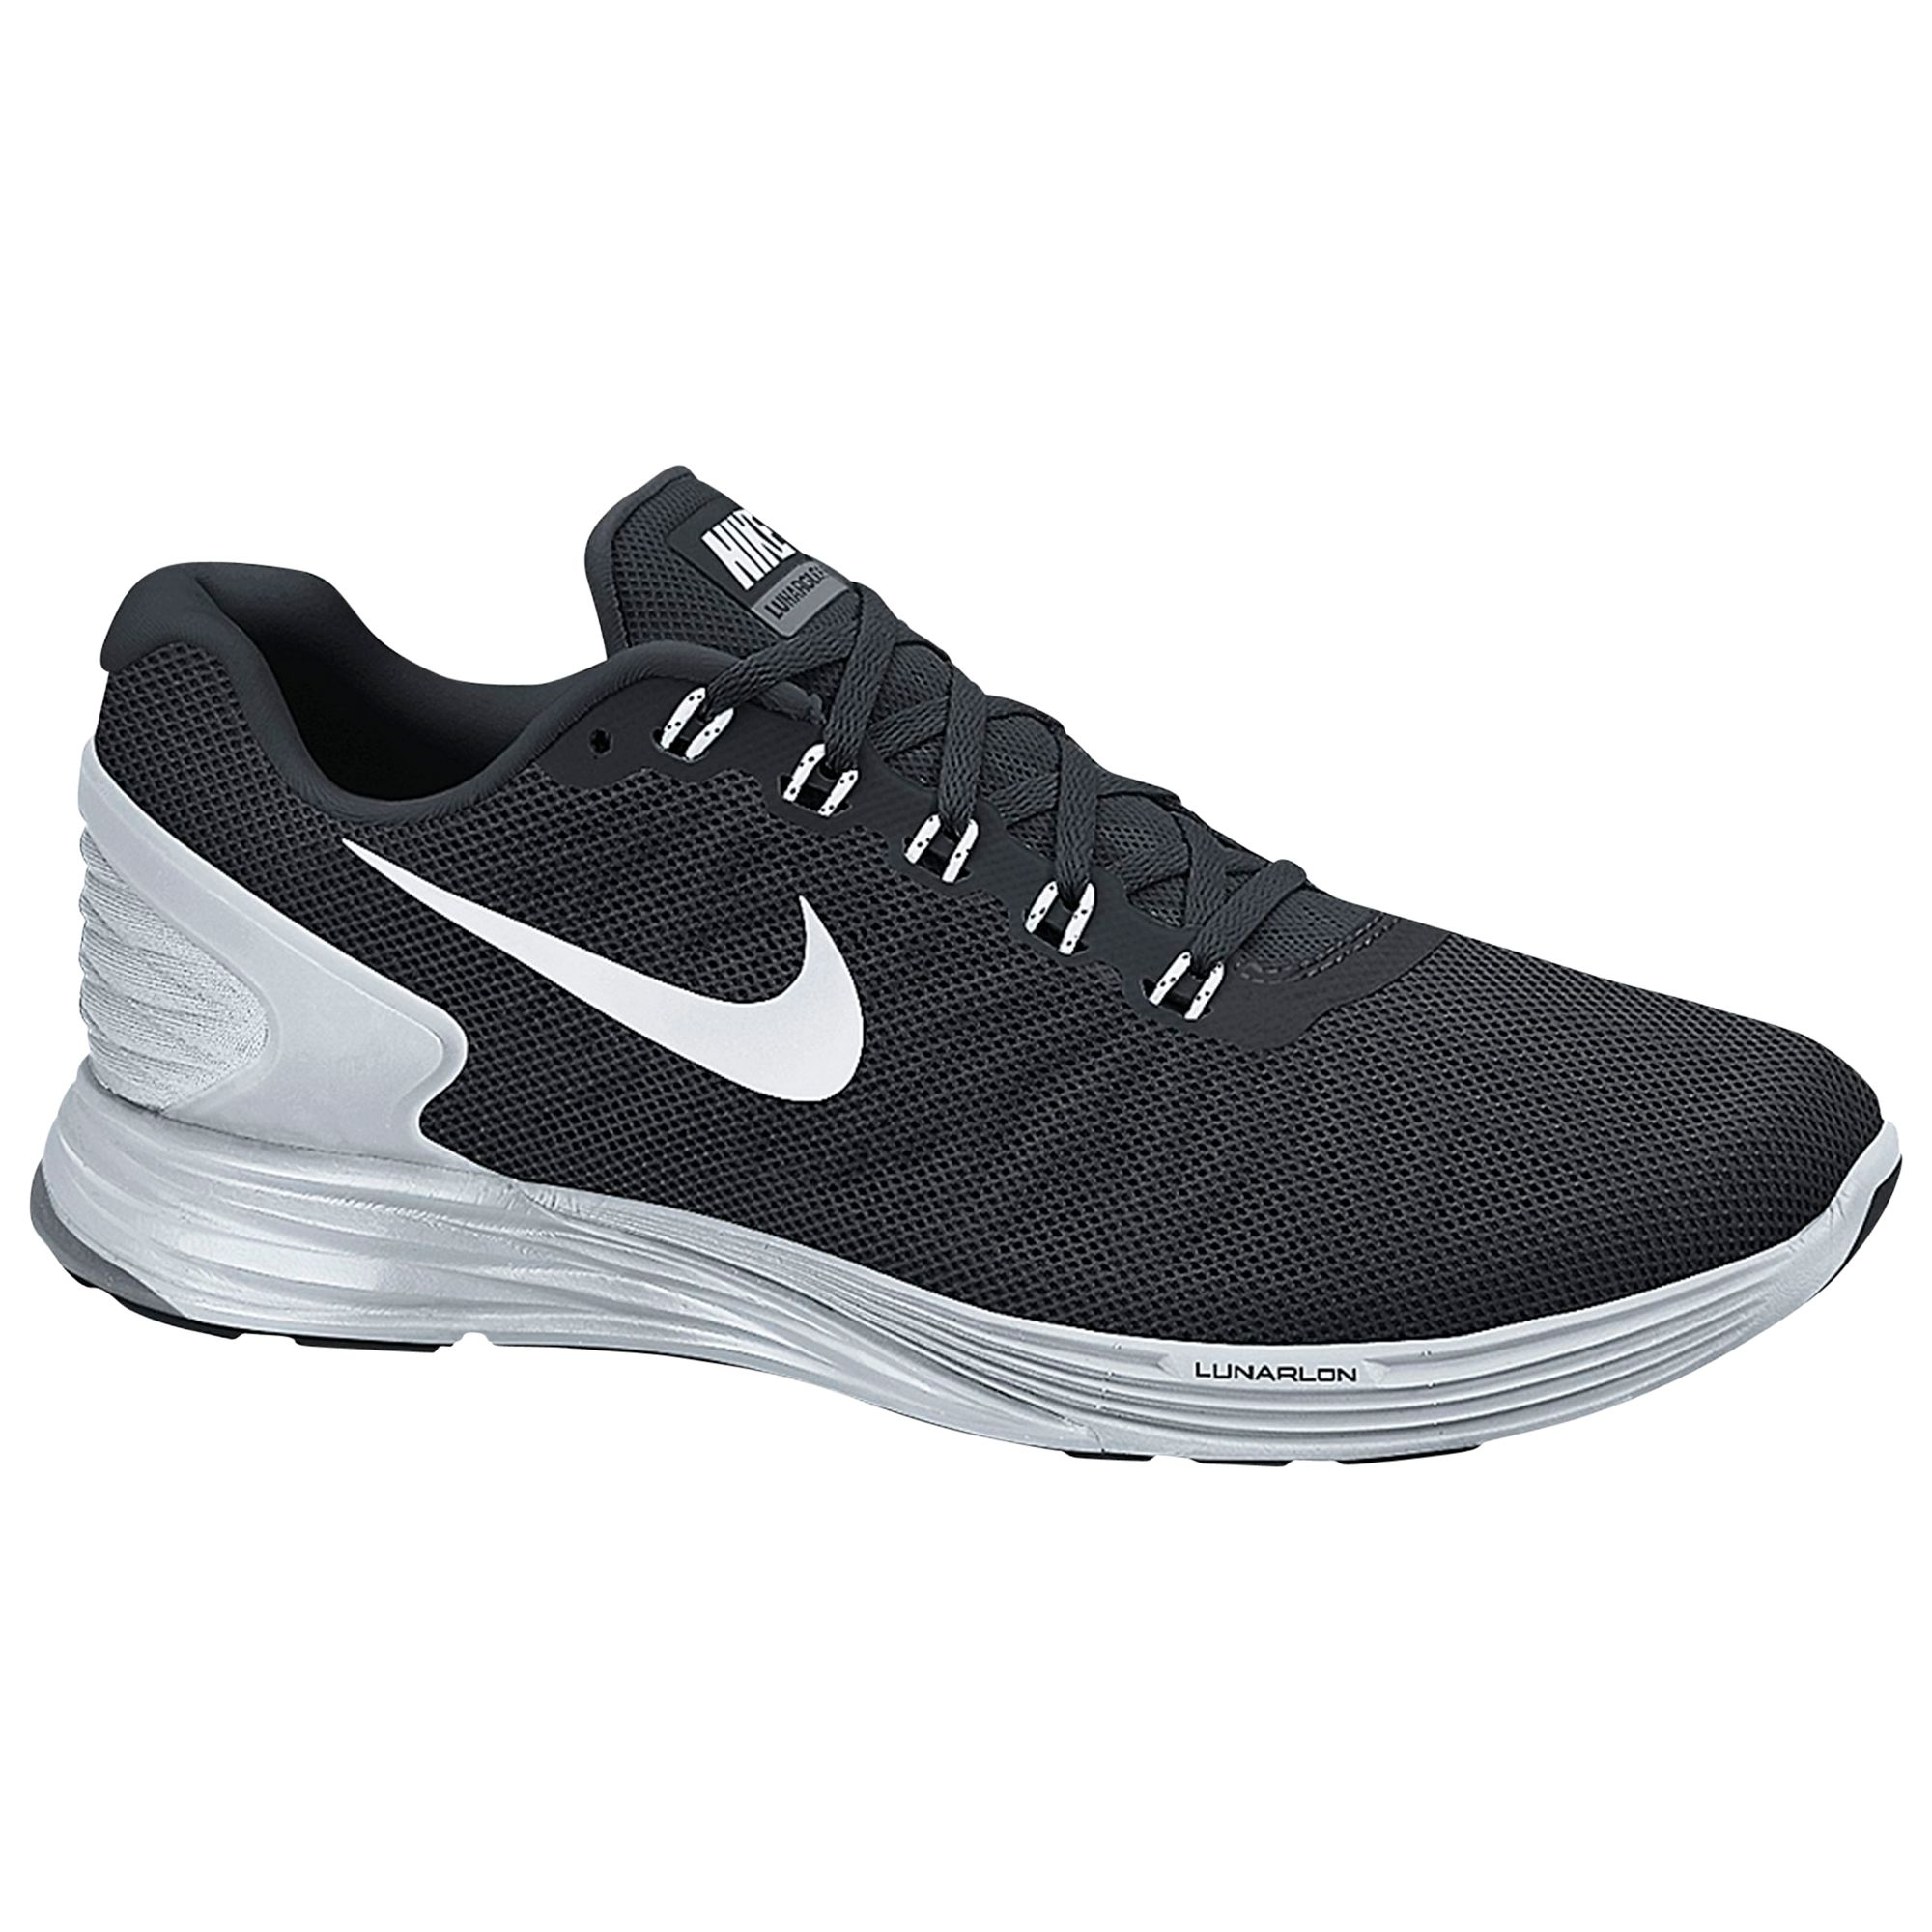 41c96fd1c273 Nike LunarGlide 6 Women s Running Shoes